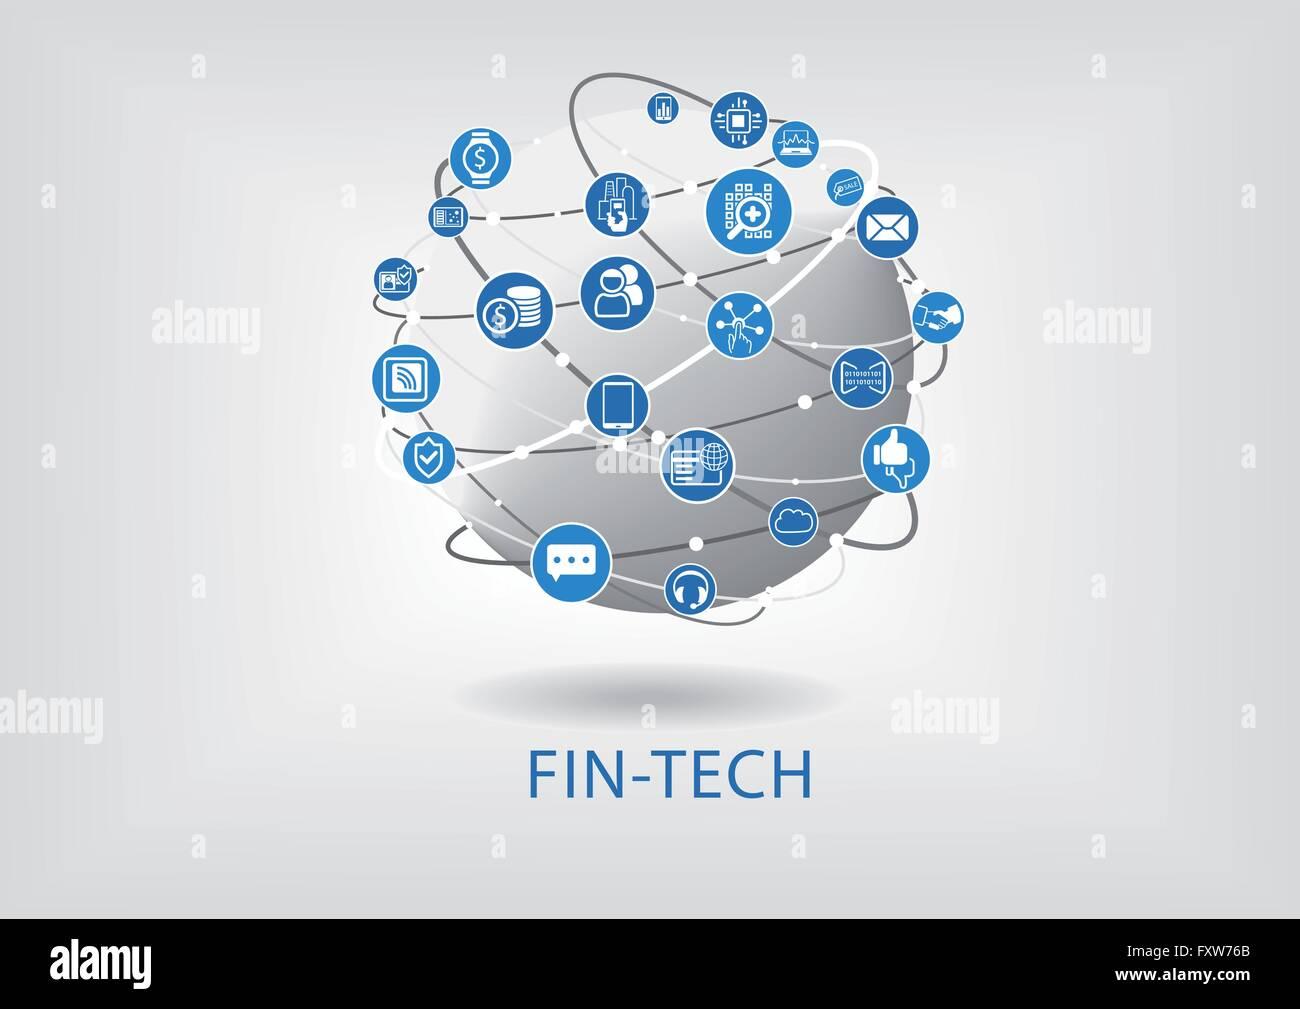 FIN-Tech (Finanztechnologie) Vektor Infografik und Hintergrund Stockbild